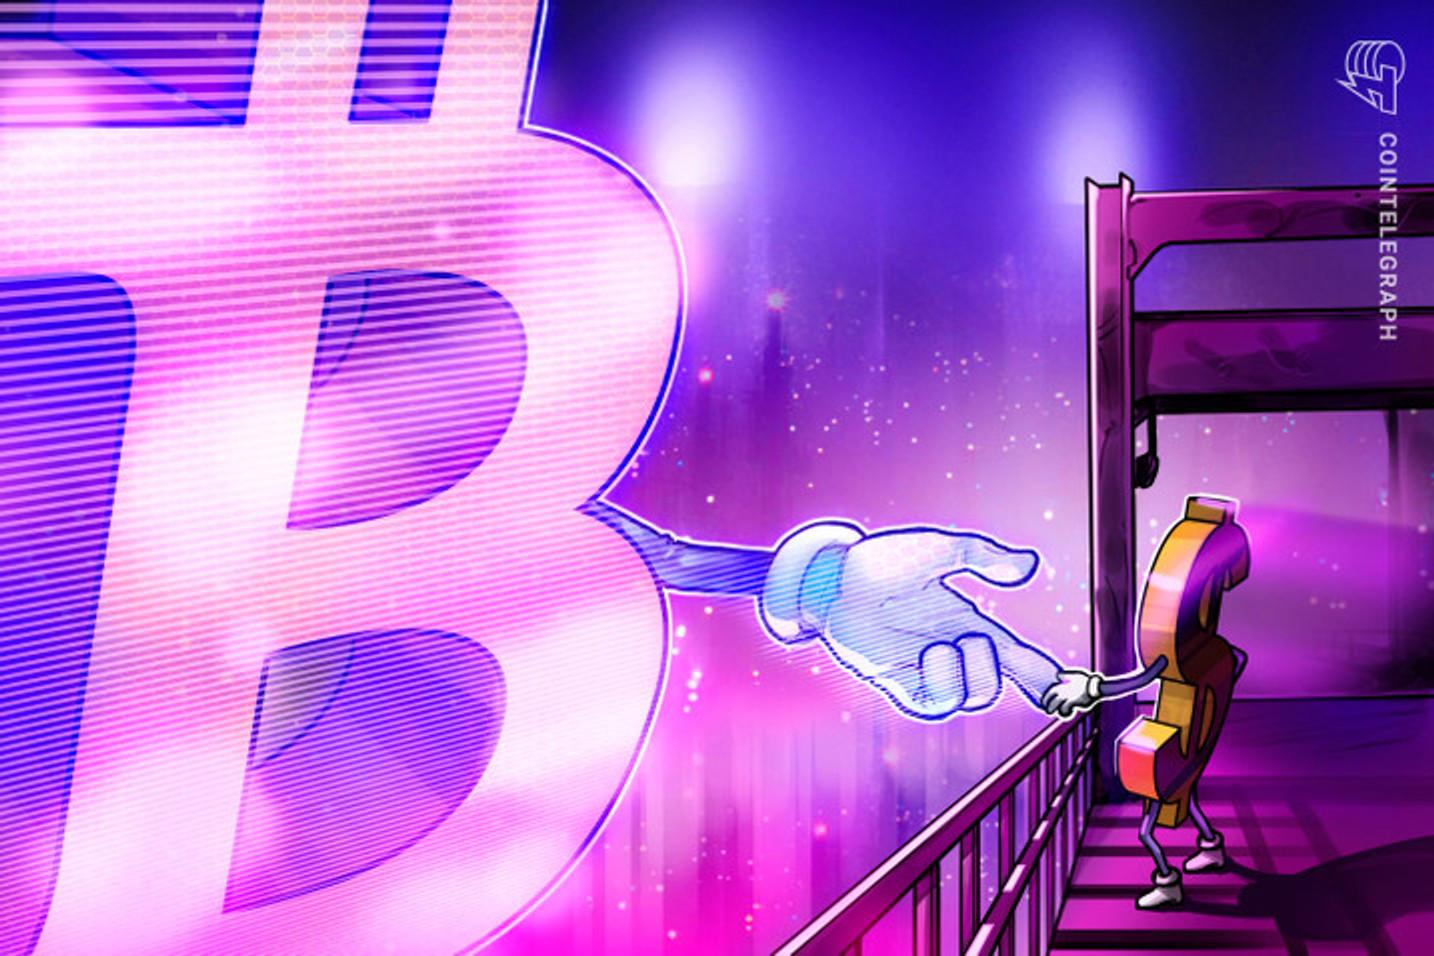 Aspectos básicos y técnicos de Bitcoin se conversarán en encuentro virtual